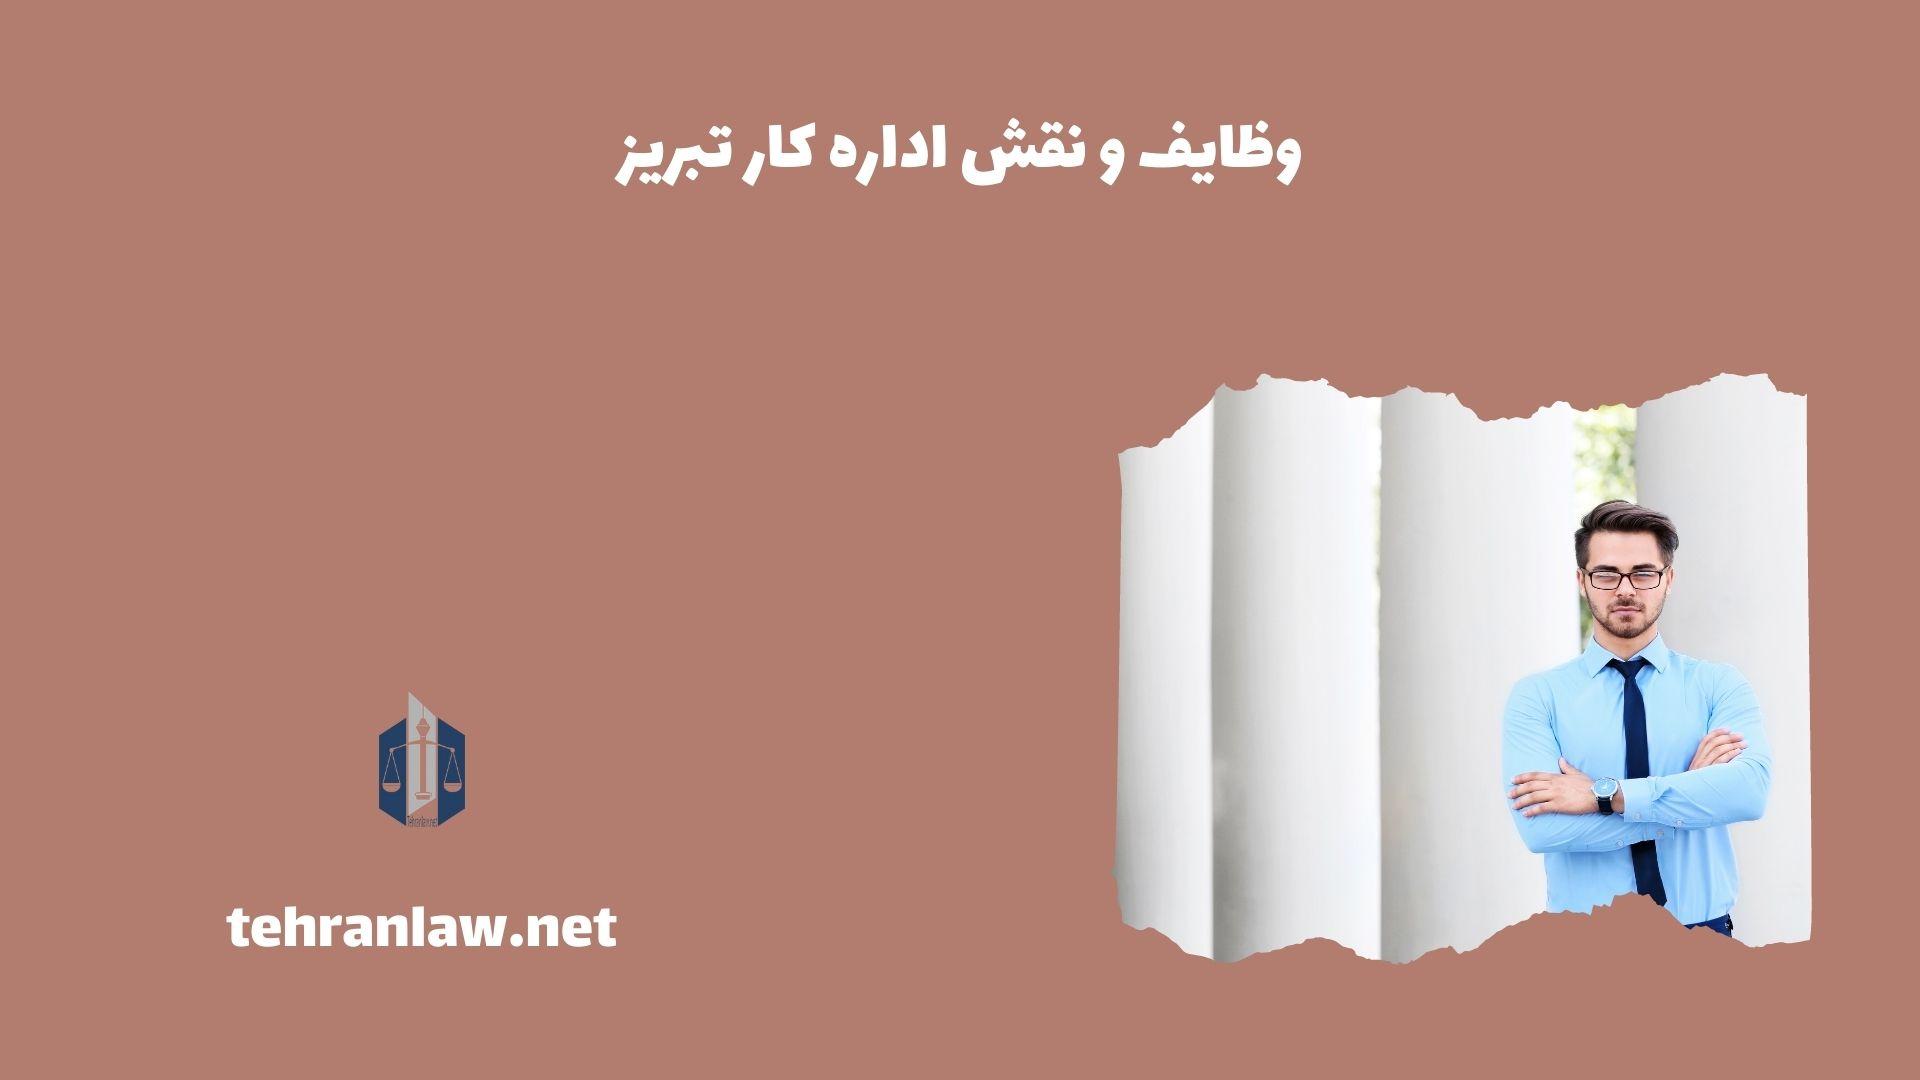 وظایف و نقش اداره کار تبریز